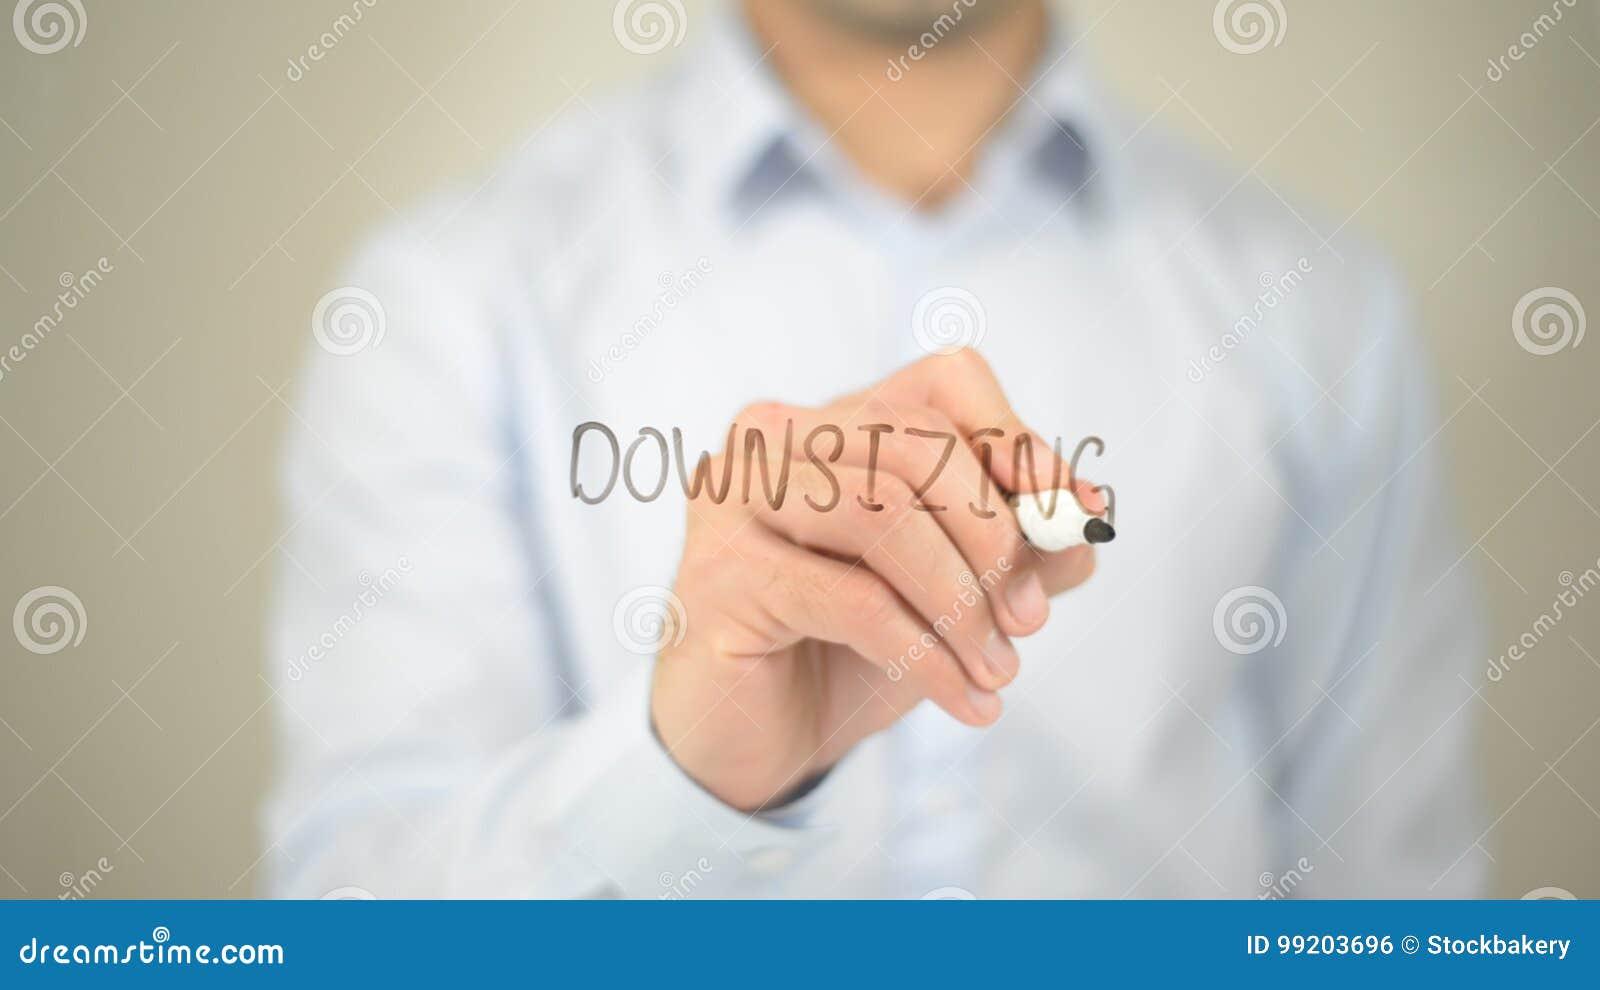 Downsizing, mężczyzna writing na przejrzystym ekranie